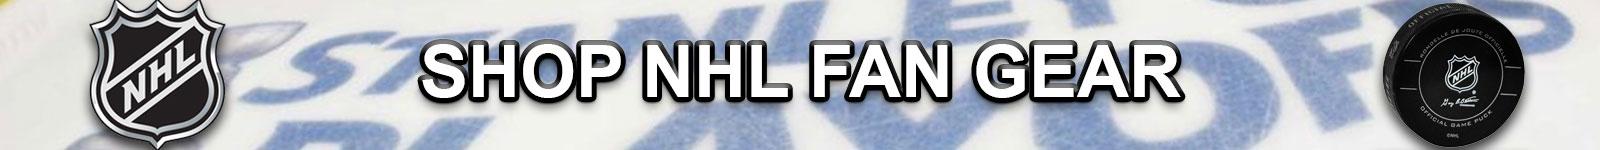 Shop NHL Apparel and Team Fan Gear